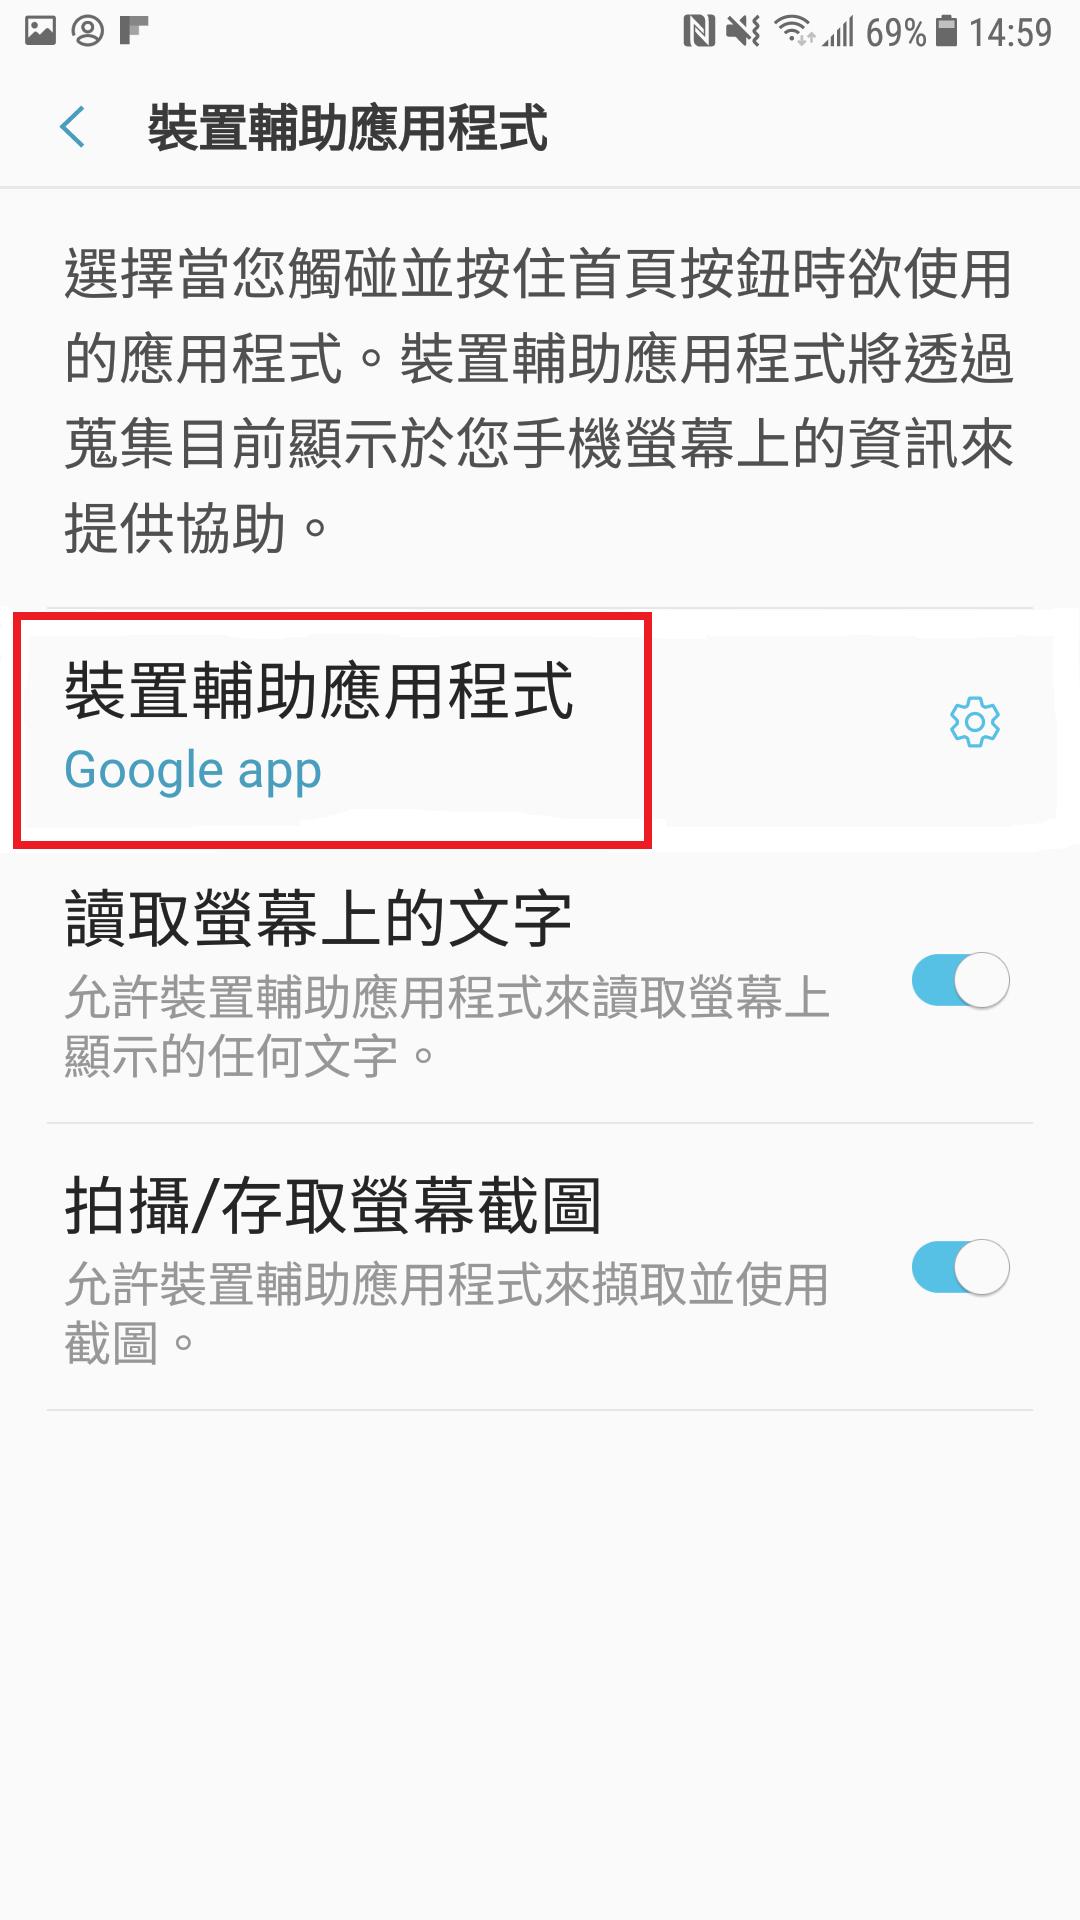 如何關閉「長按 Home 鍵喚醒 Google app」的功能?